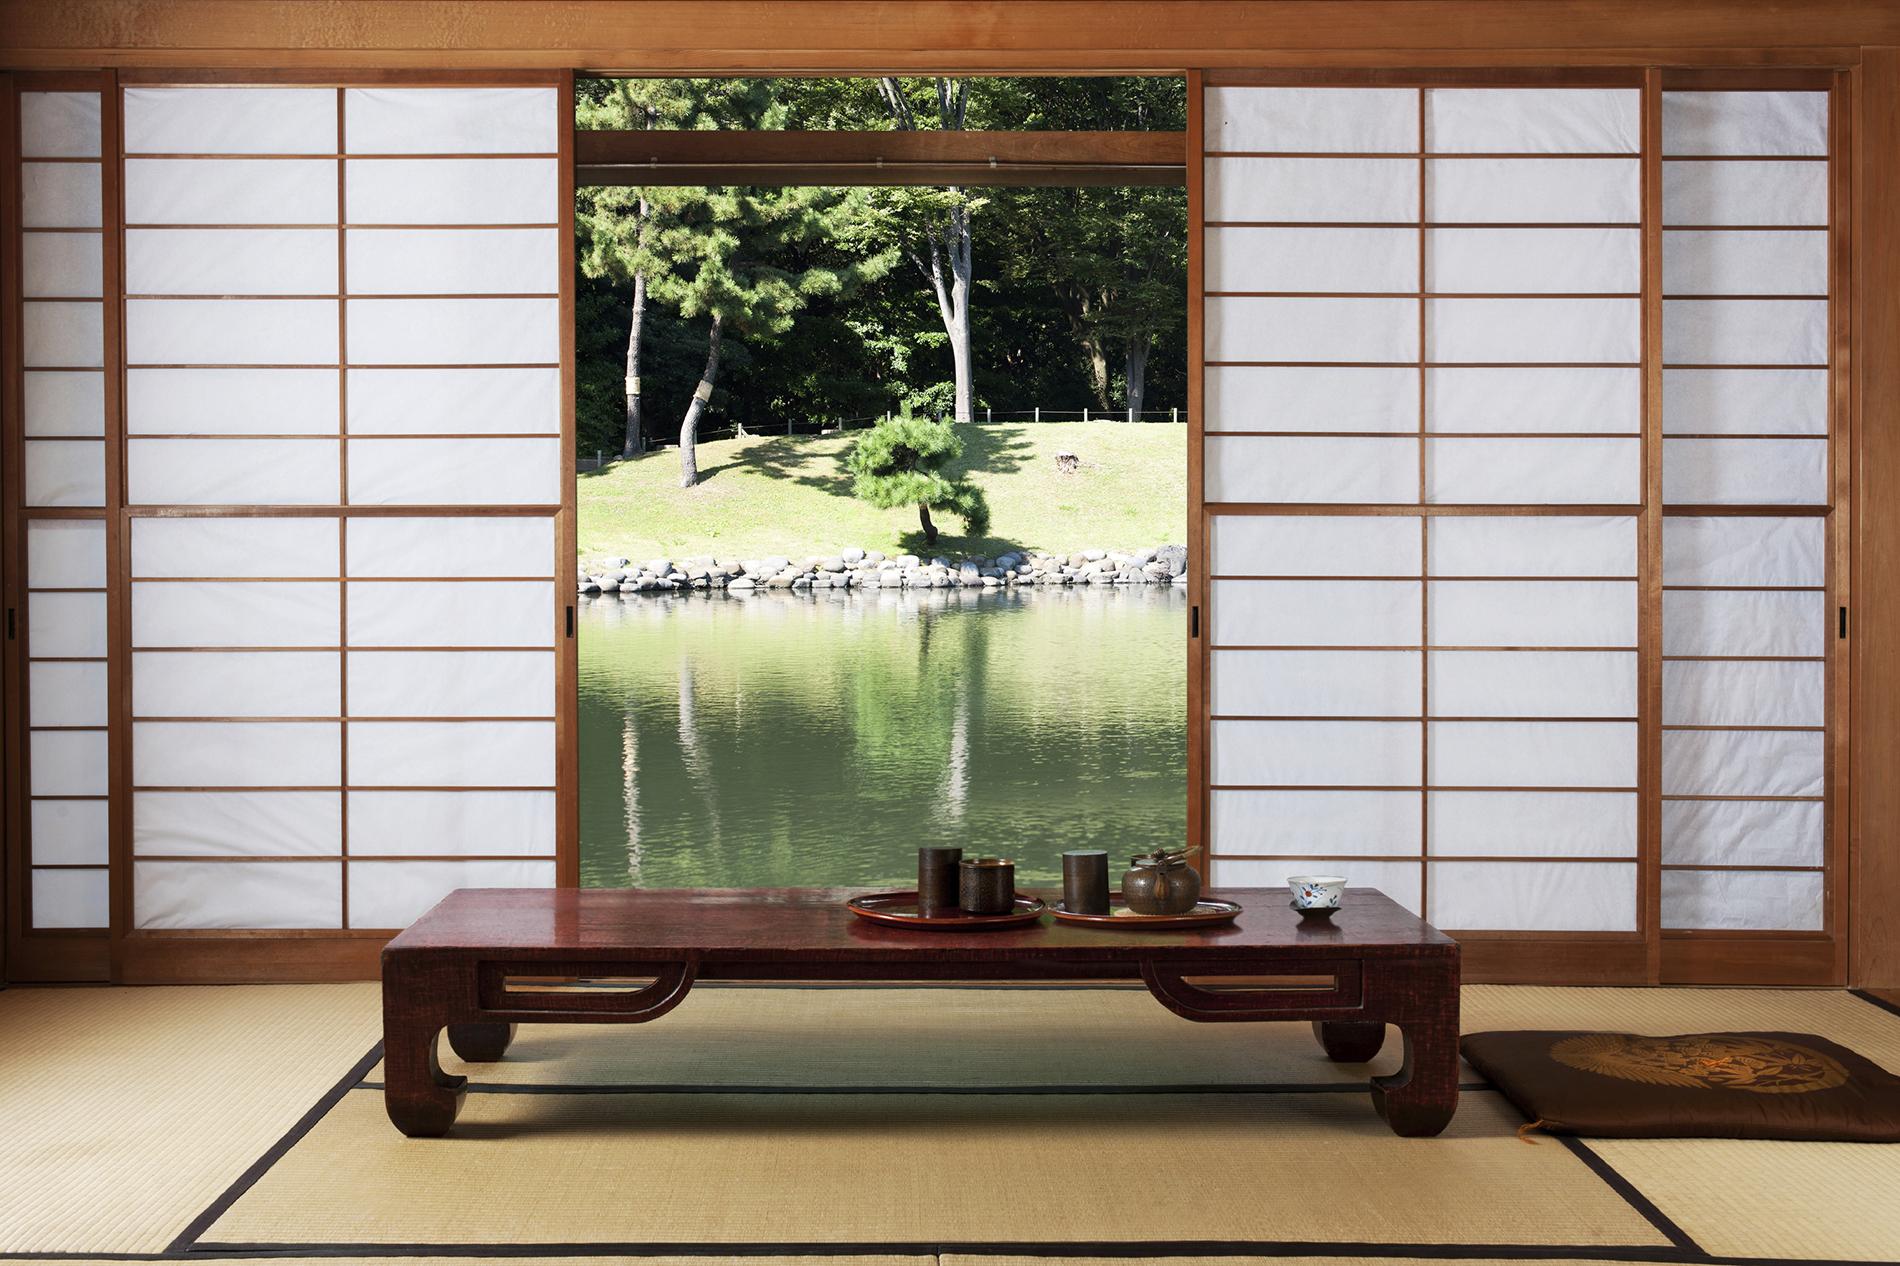 einrichtung im modernen asiatischen stil ideen m belideen. Black Bedroom Furniture Sets. Home Design Ideas